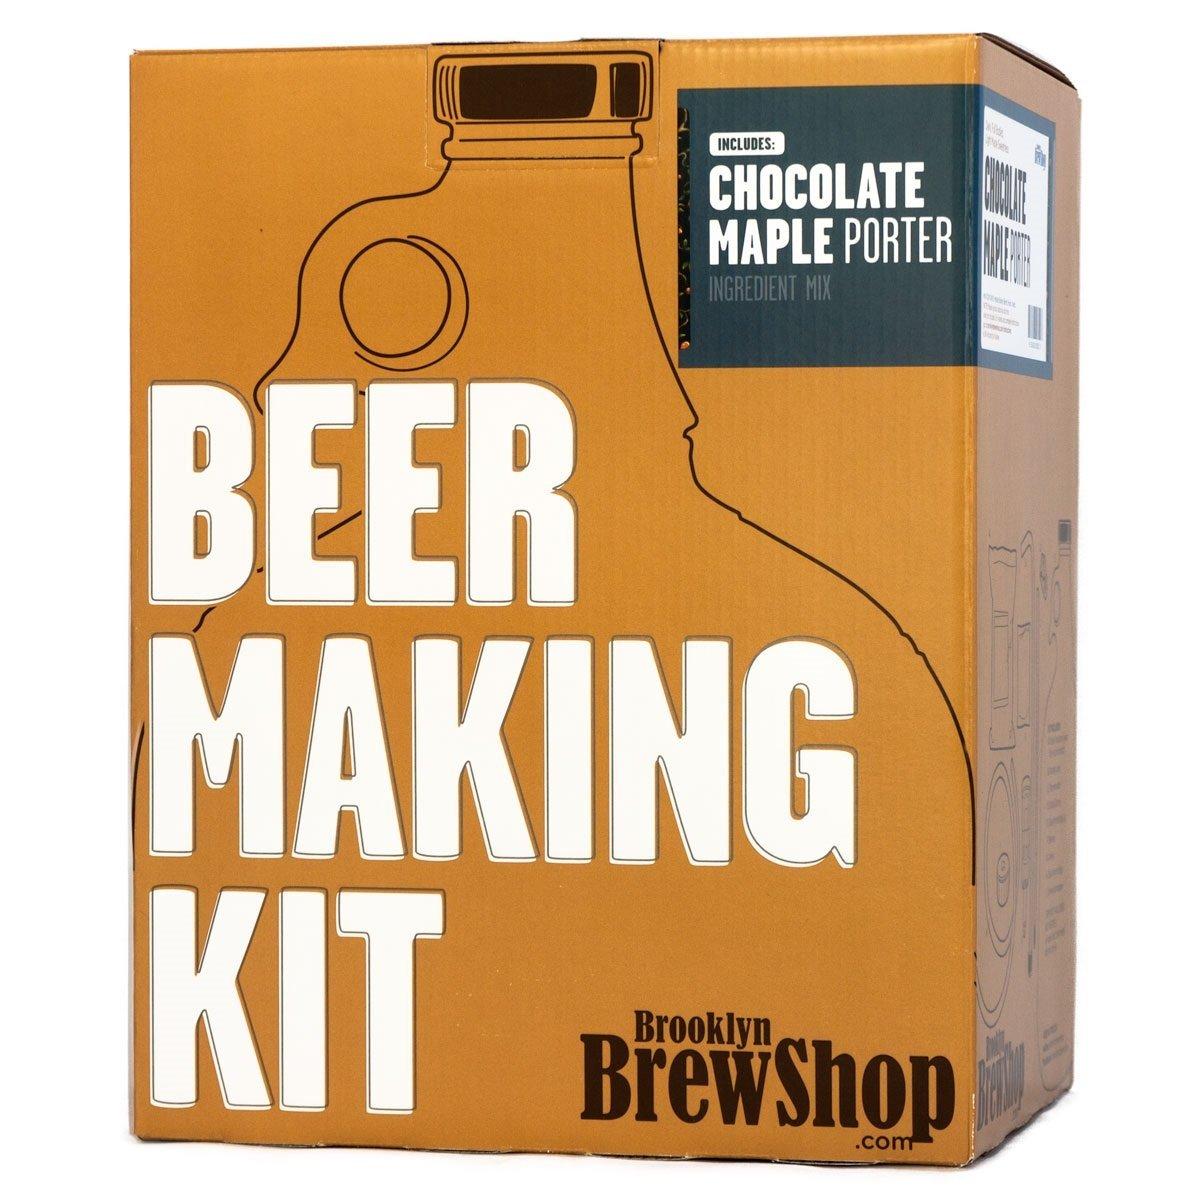 Brooklyn Brew Shop Kit, $39